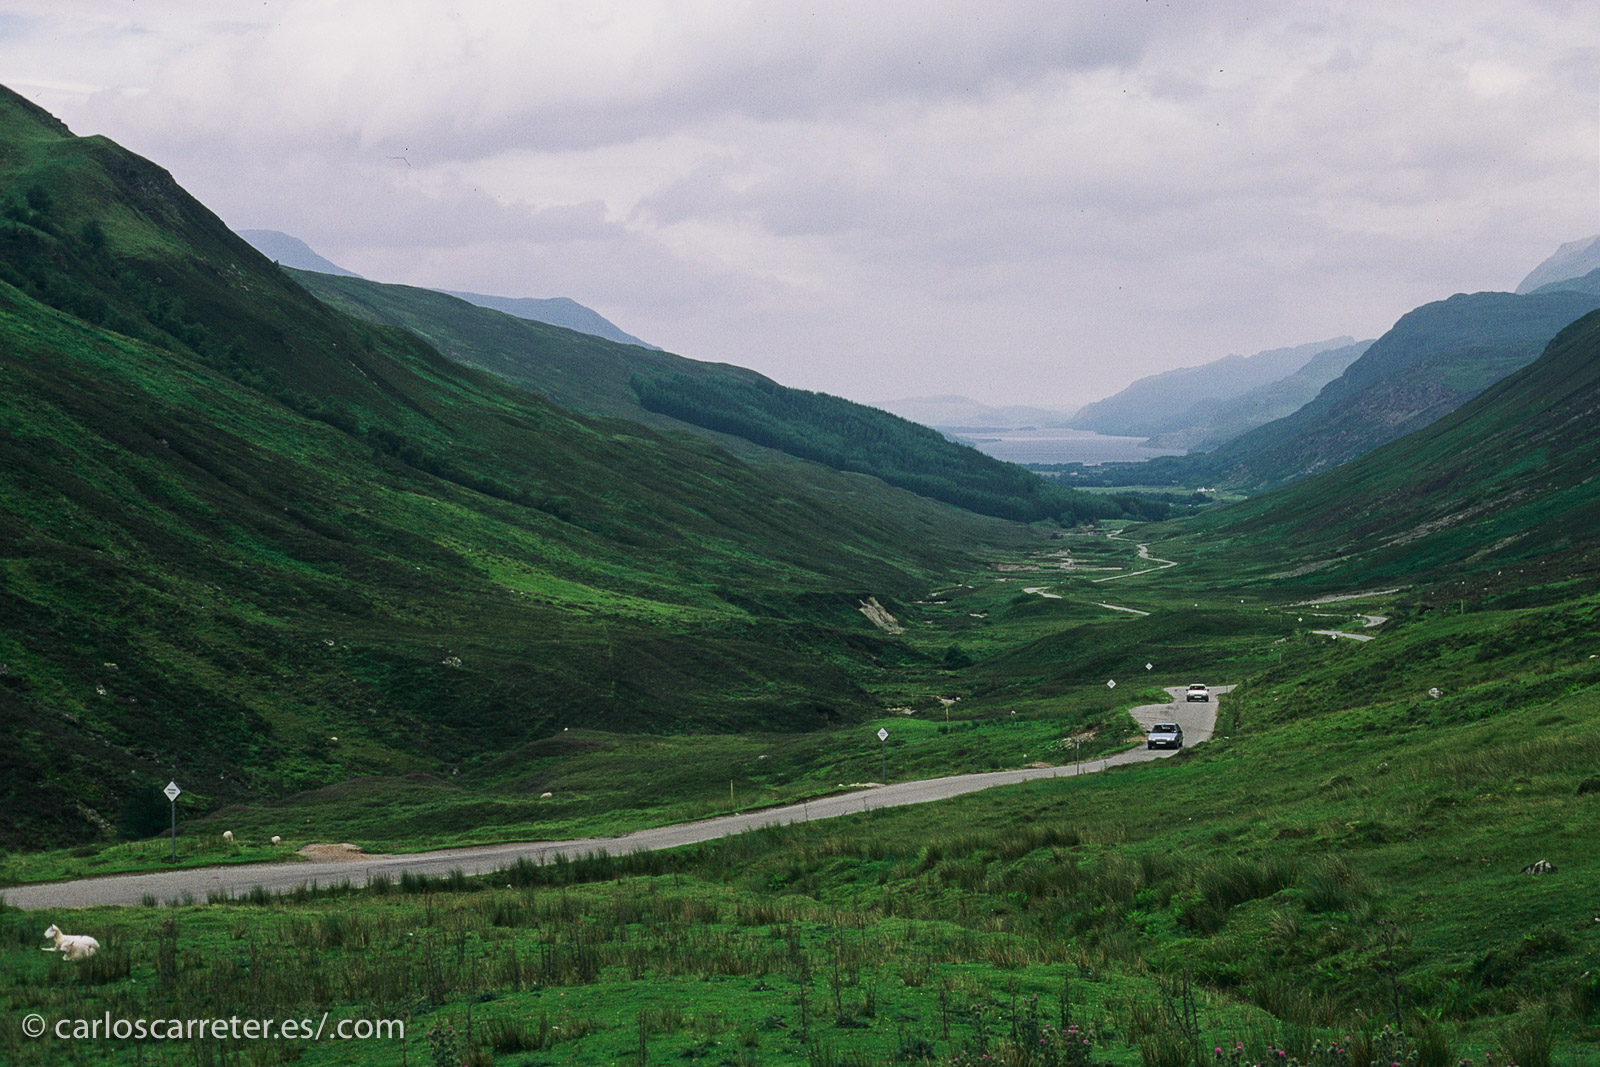 Hoy, como ayer, seguimos por los glens de las Highlands, tierra dura pero hermosa.